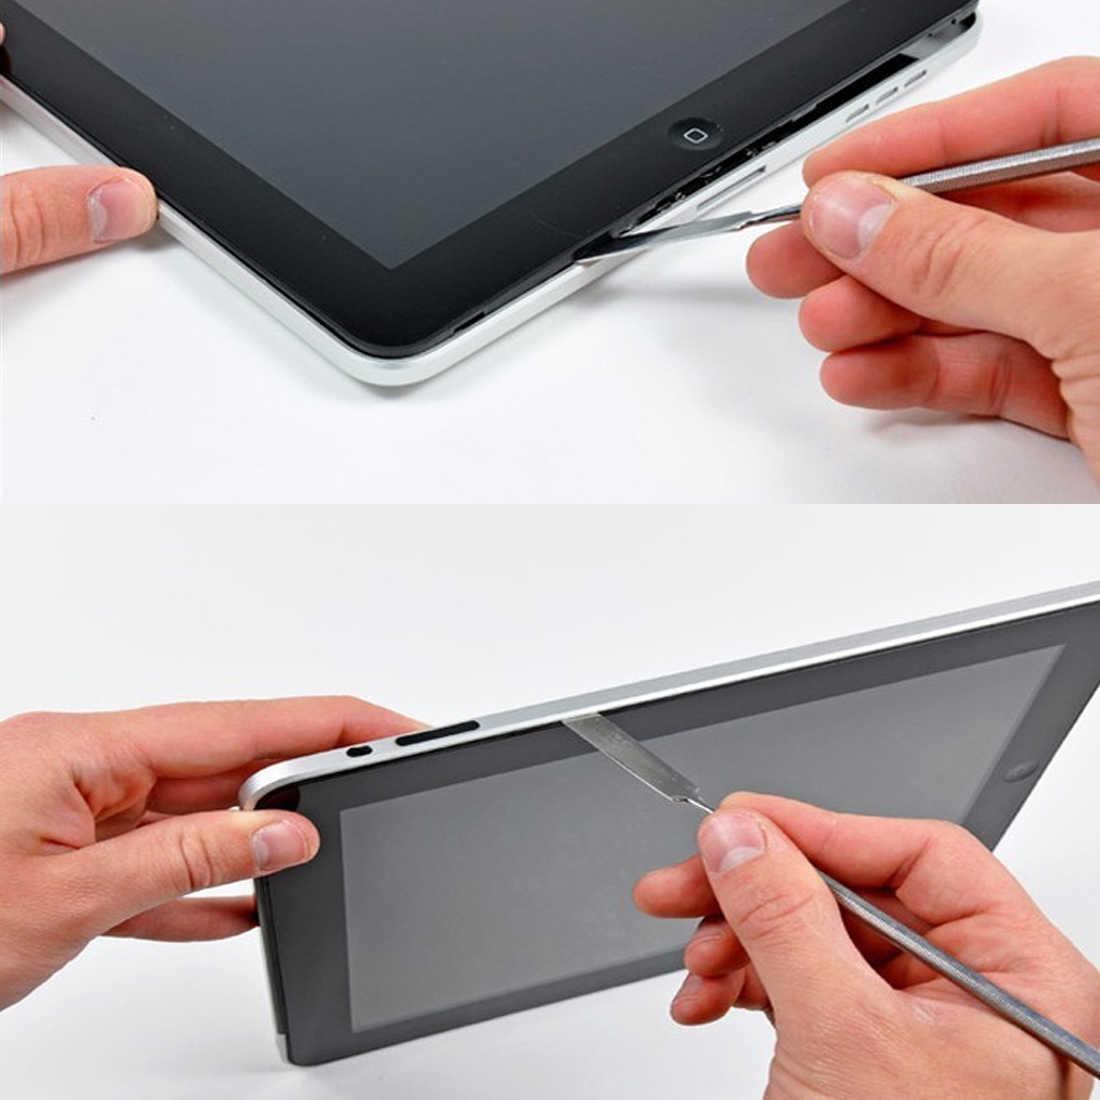 Membongkar Alat Spudger Logam Diy Ponsel Pembukaan Pry Alat Perbaikan untuk iPhone/Ponsel/Laptop/Tablet Tangan alat